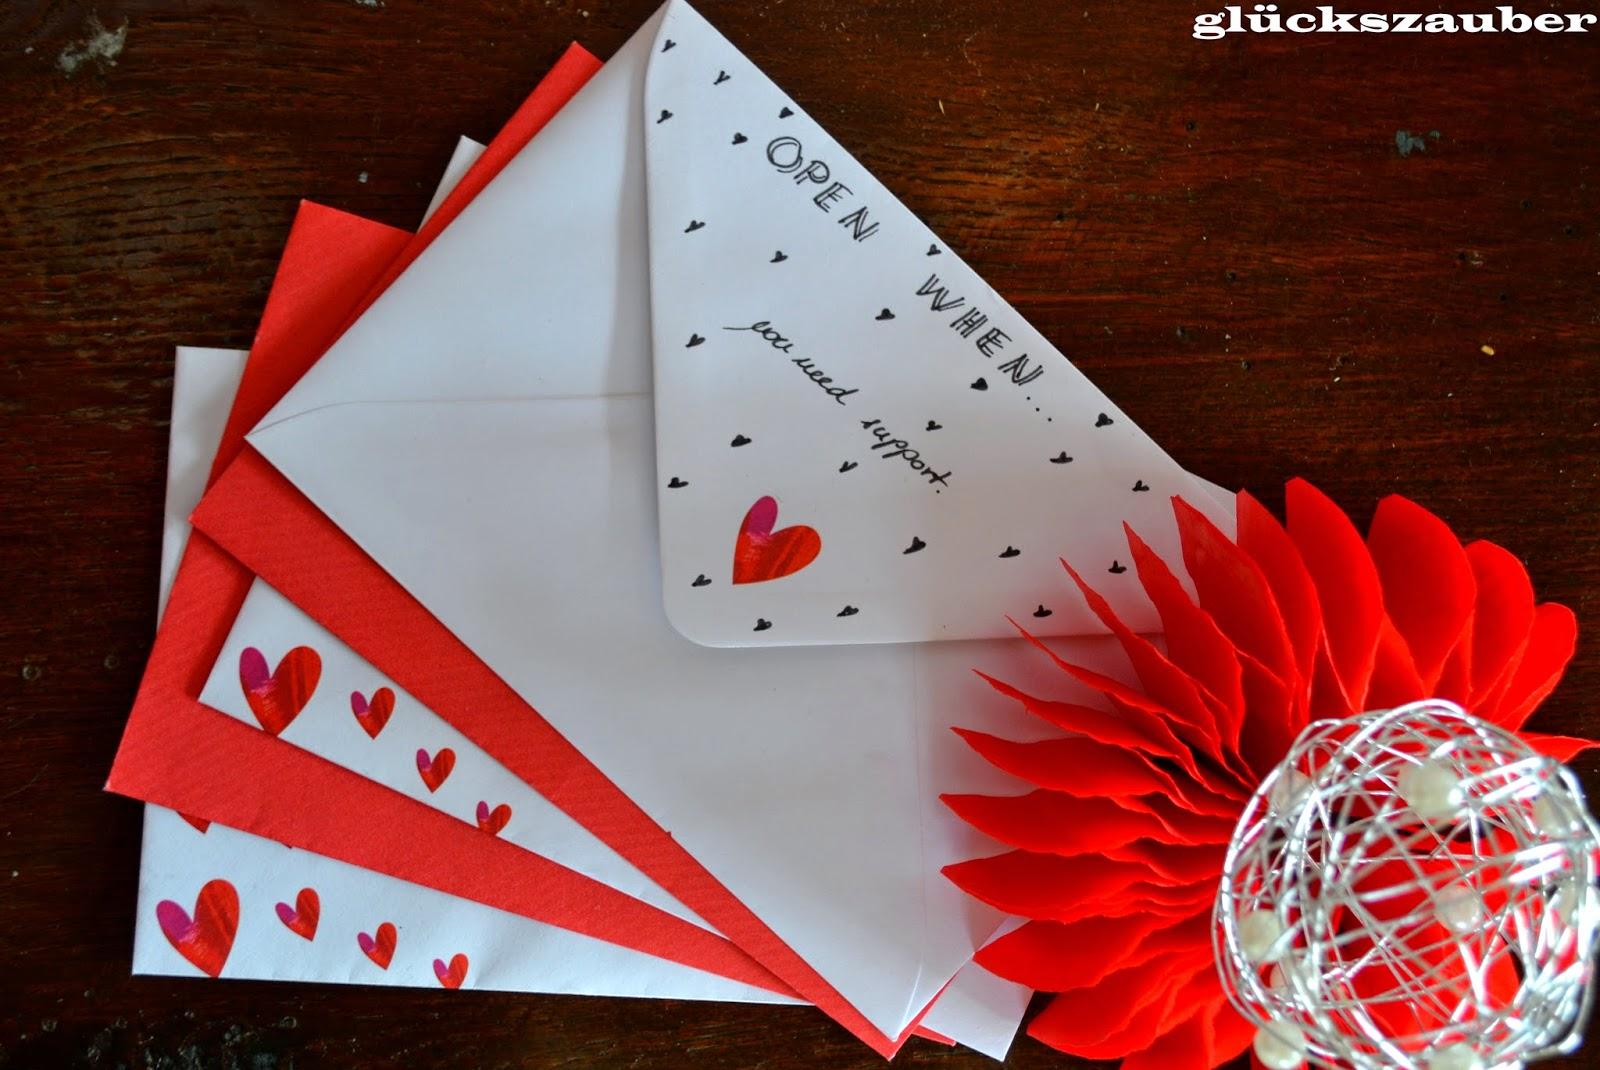 Briefe Dekorieren Instagram : Glückszauber diy open when briefe und dekoration aus